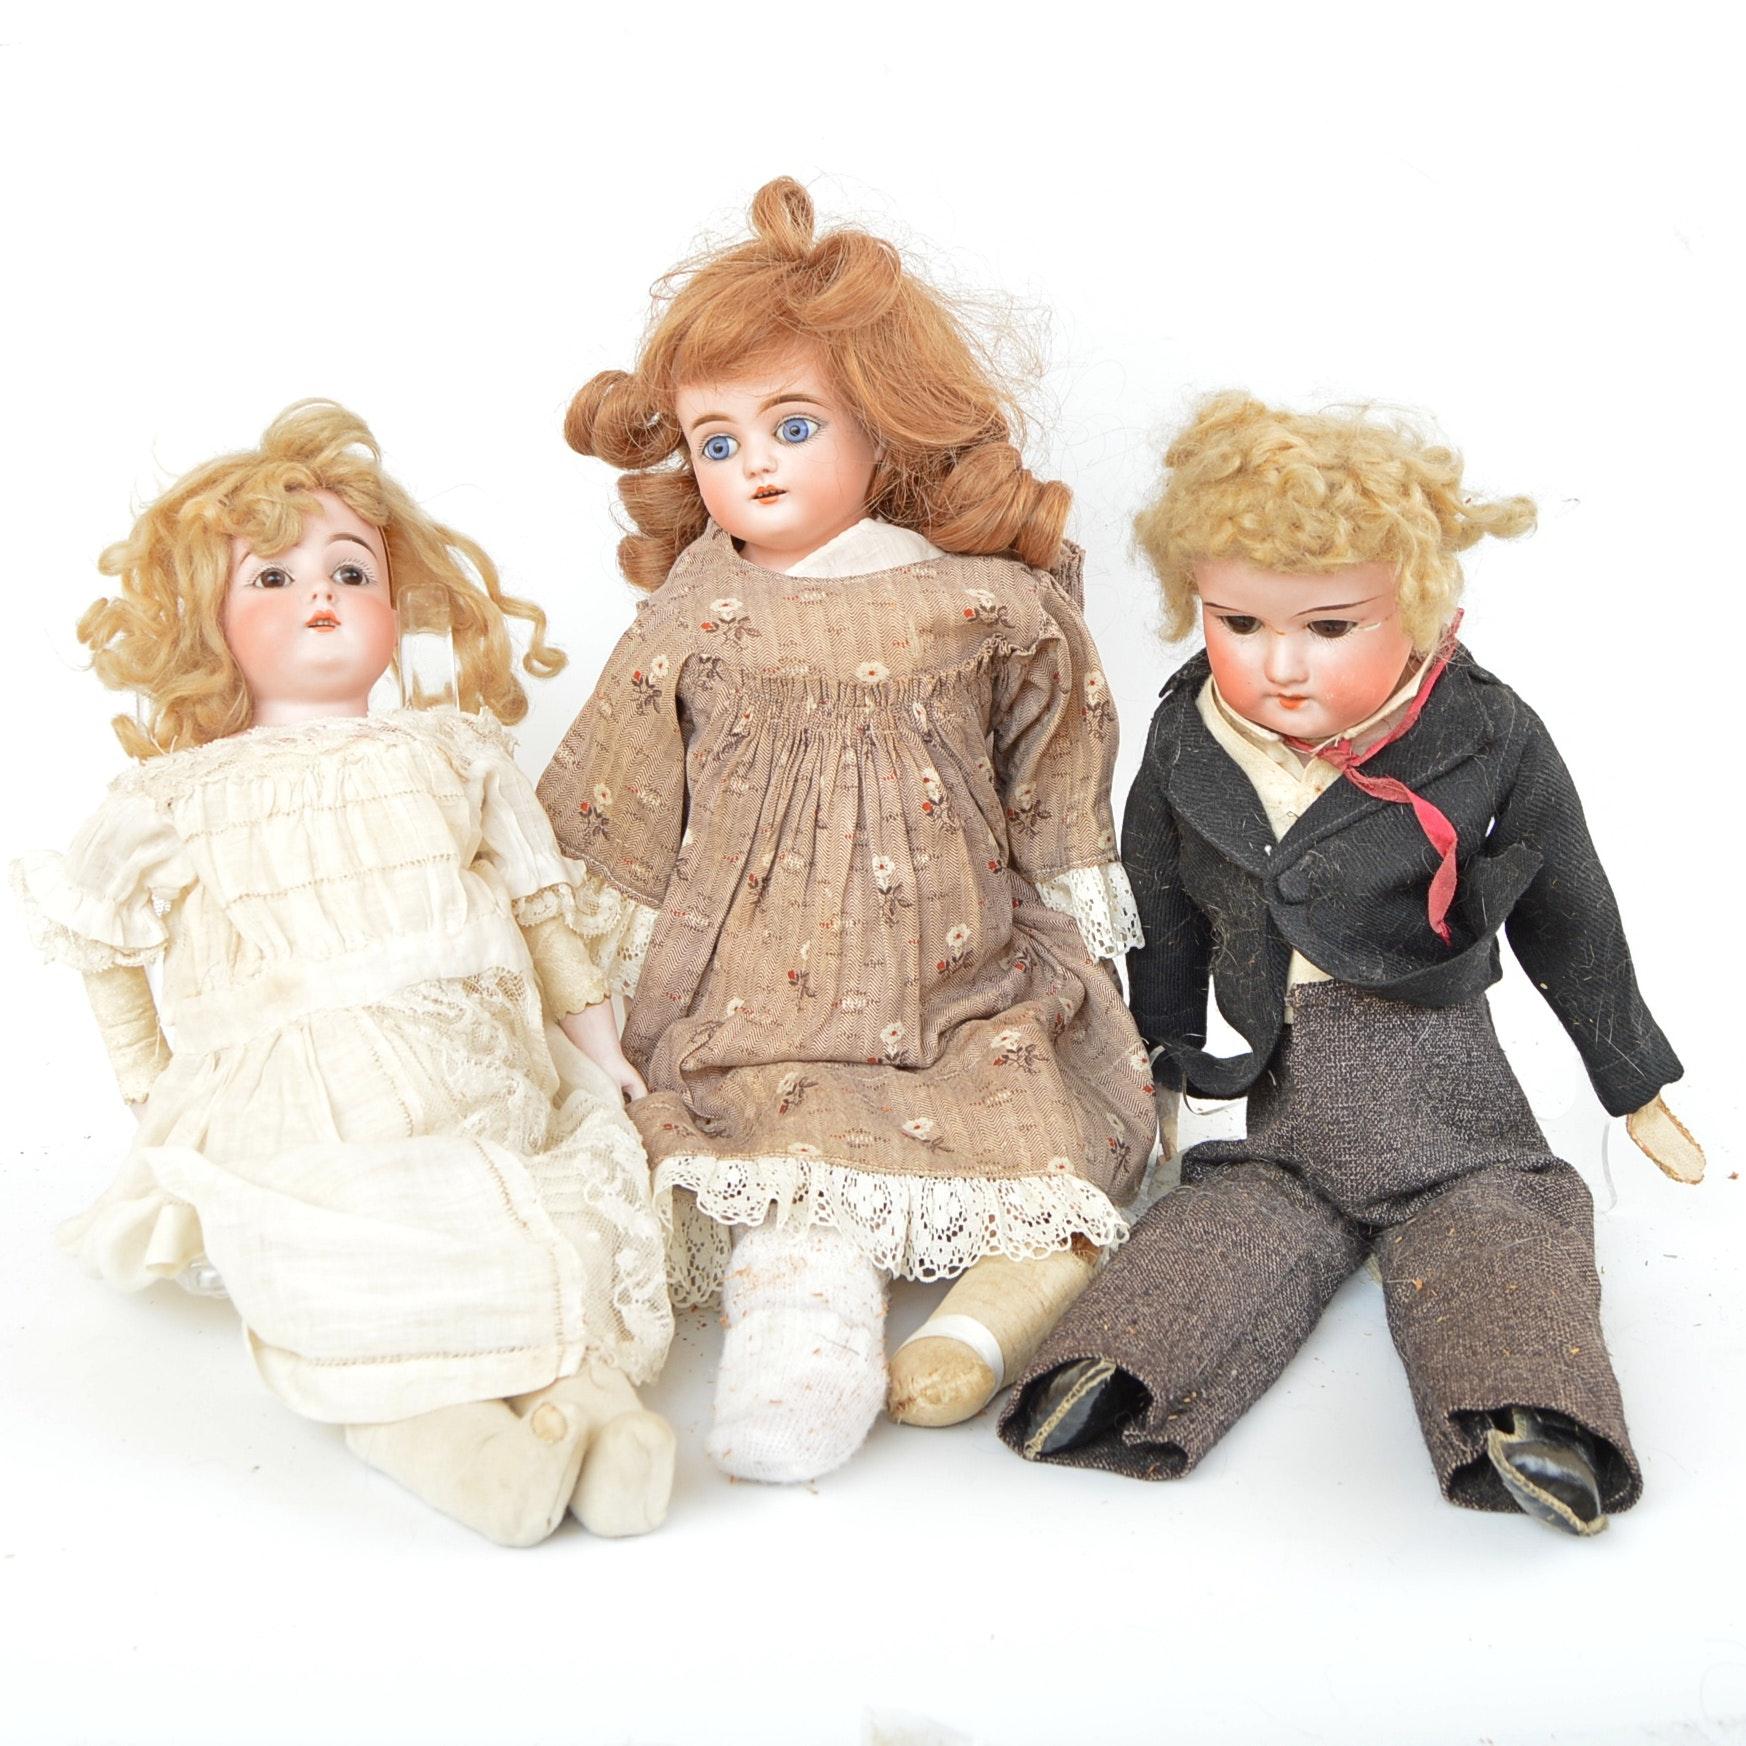 Antique German Bisque Head Dolls